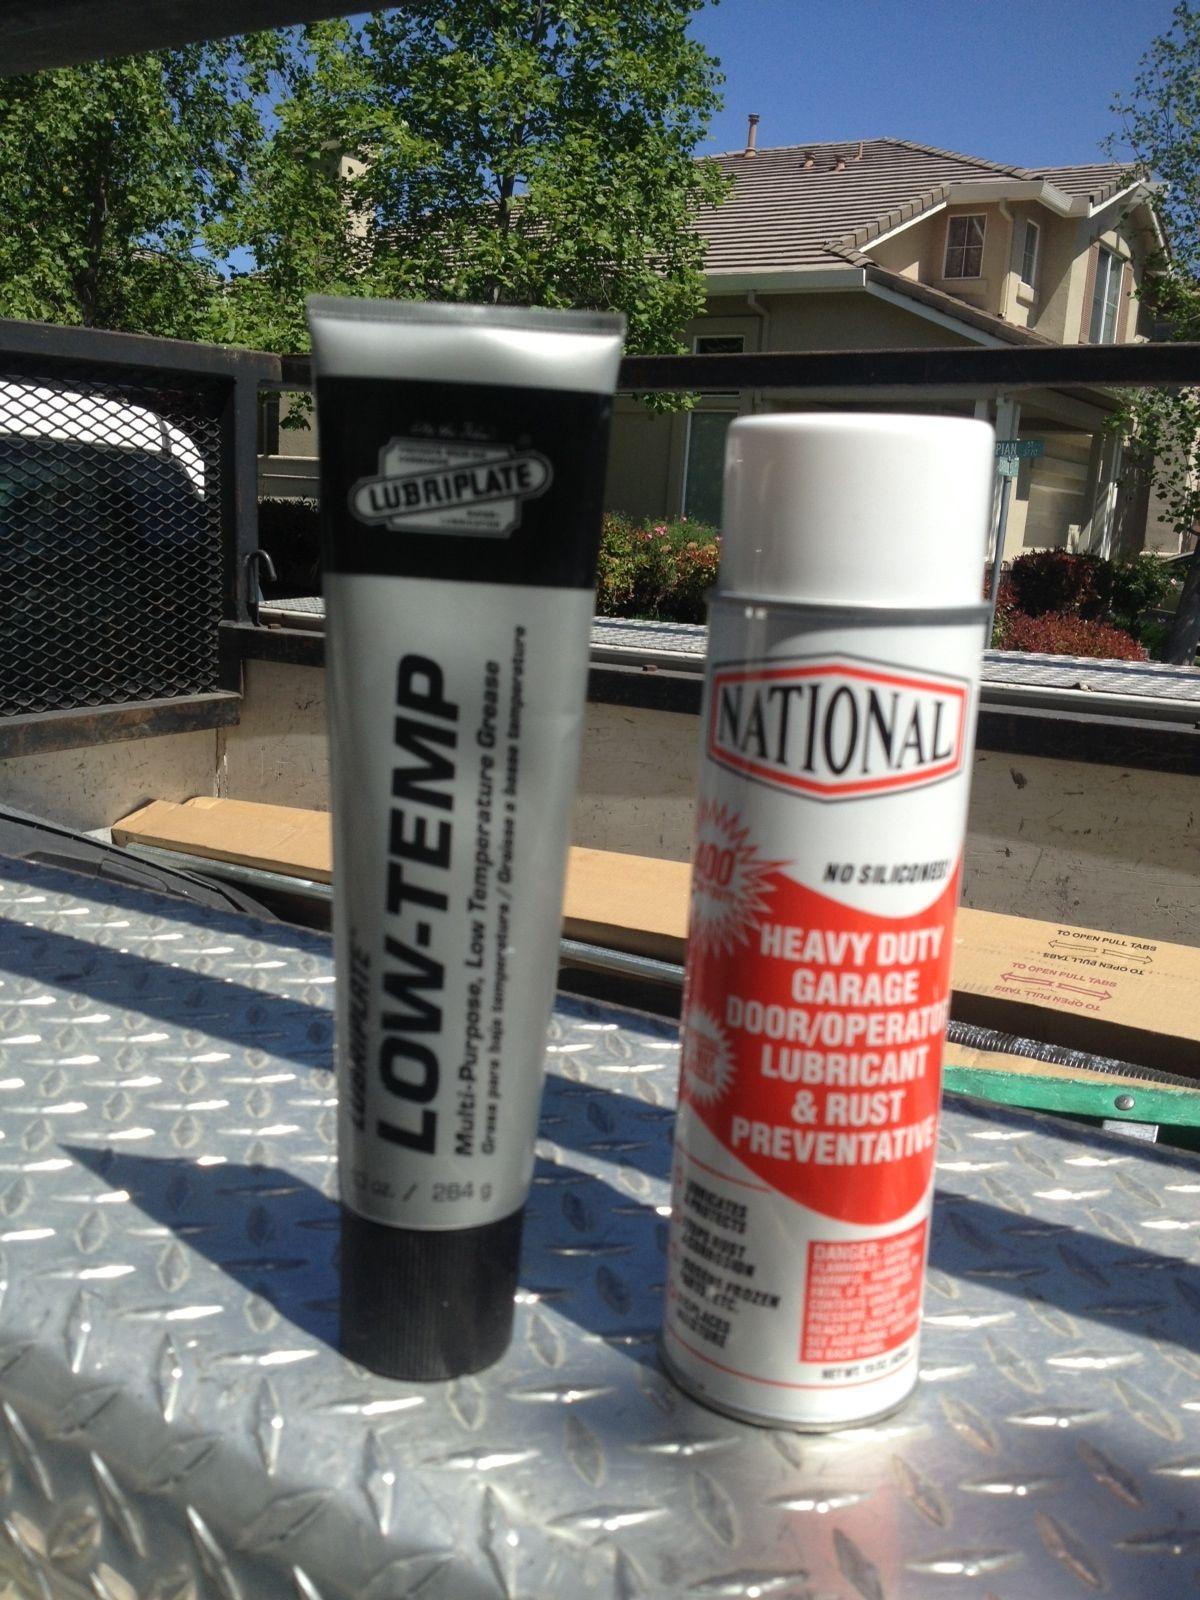 Best Lubricant For Garage Door Opener Chain Httpvoteno123